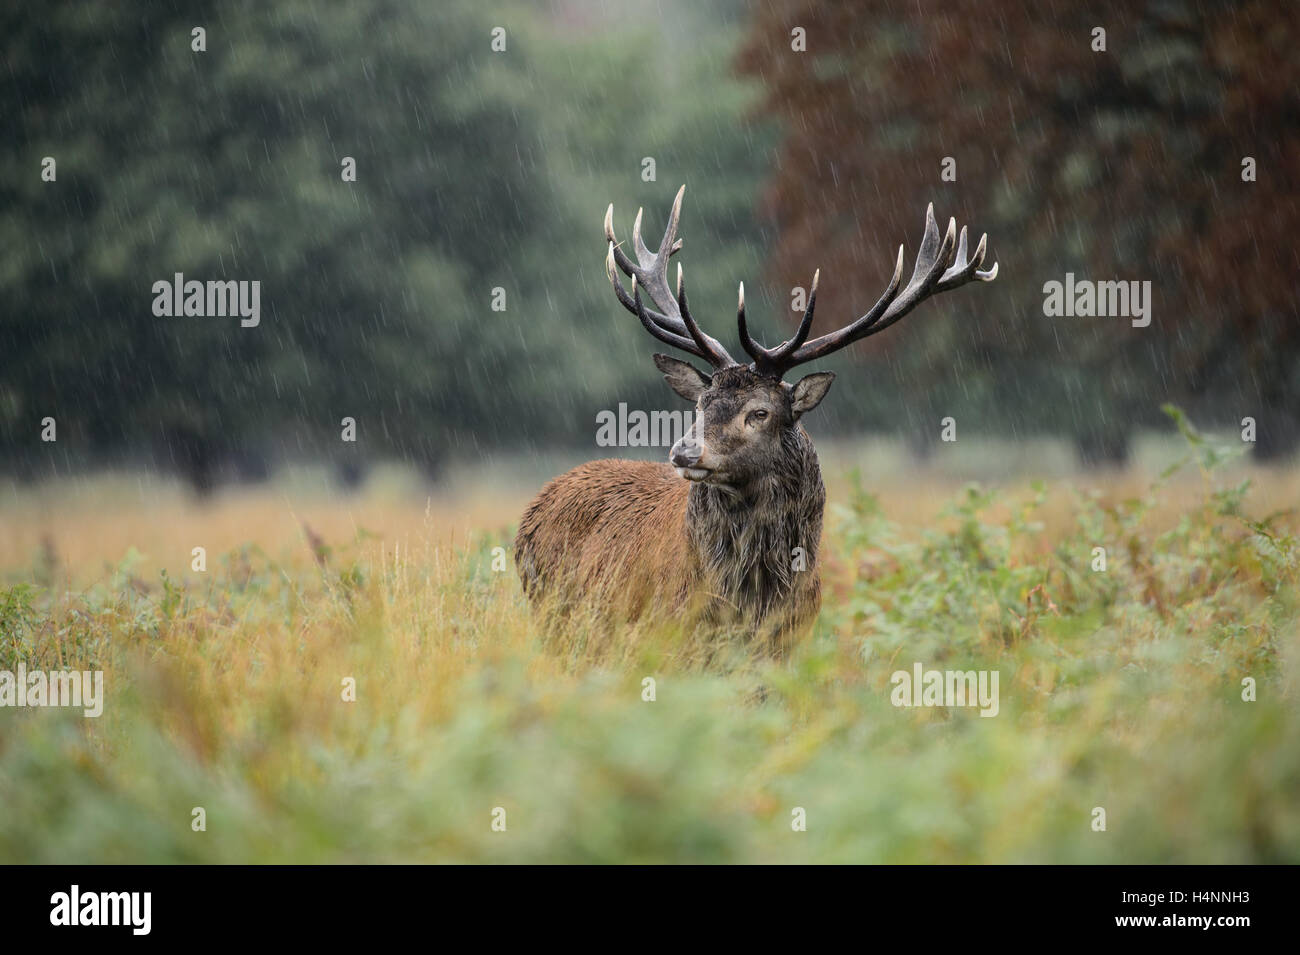 Red Deer stag sotto la pioggia durante la stagione di solchi. Richmond Park, London, Regno Unito Immagini Stock